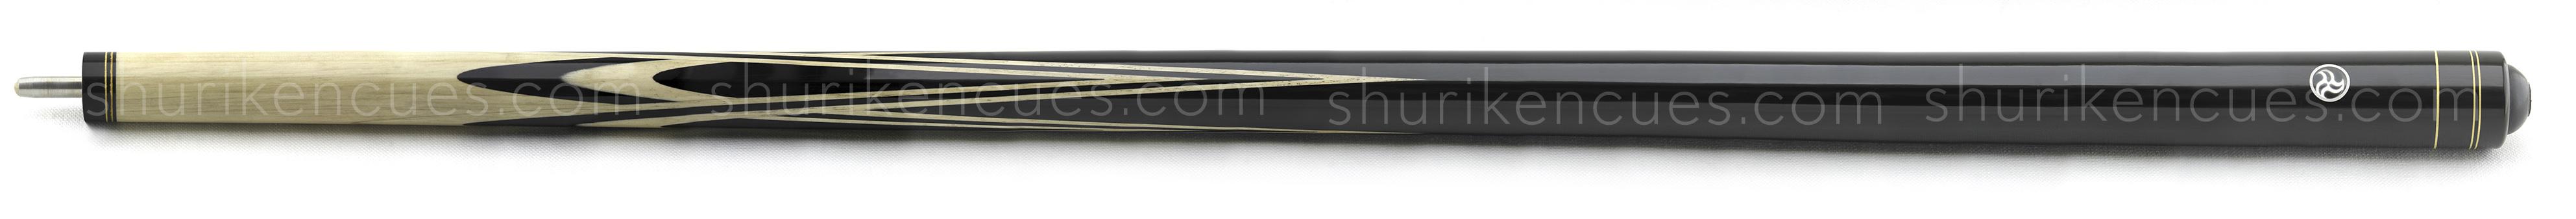 butts-uniloc harlequin cue butt hornbeam cue fullsplice cue custom cue harlequin black tulip black